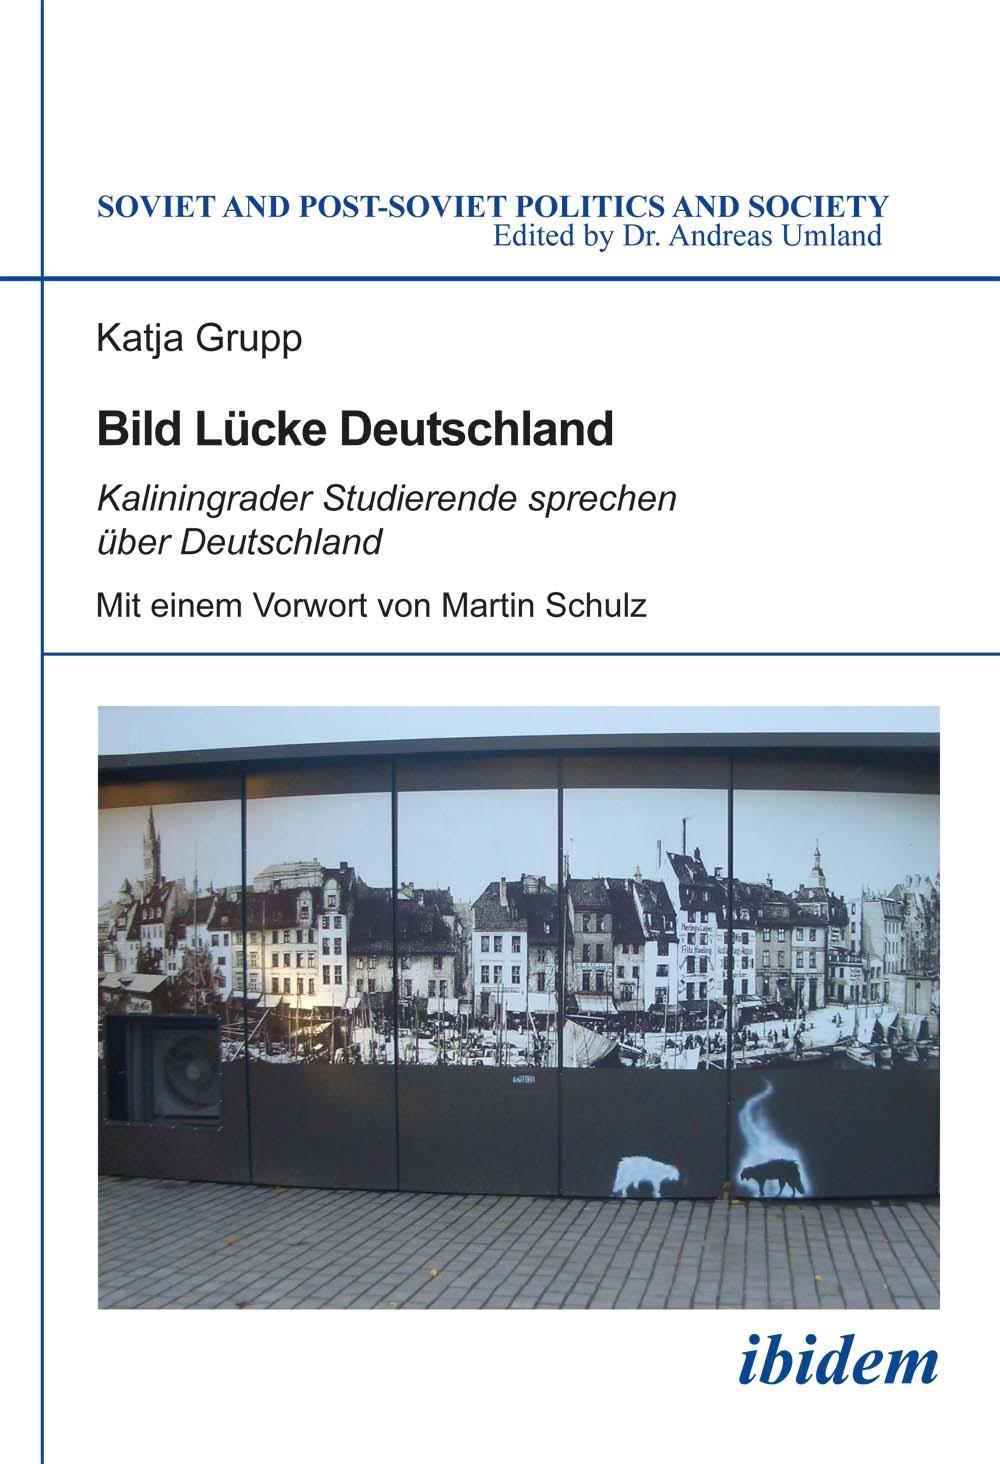 Bild Lücke Deutschland